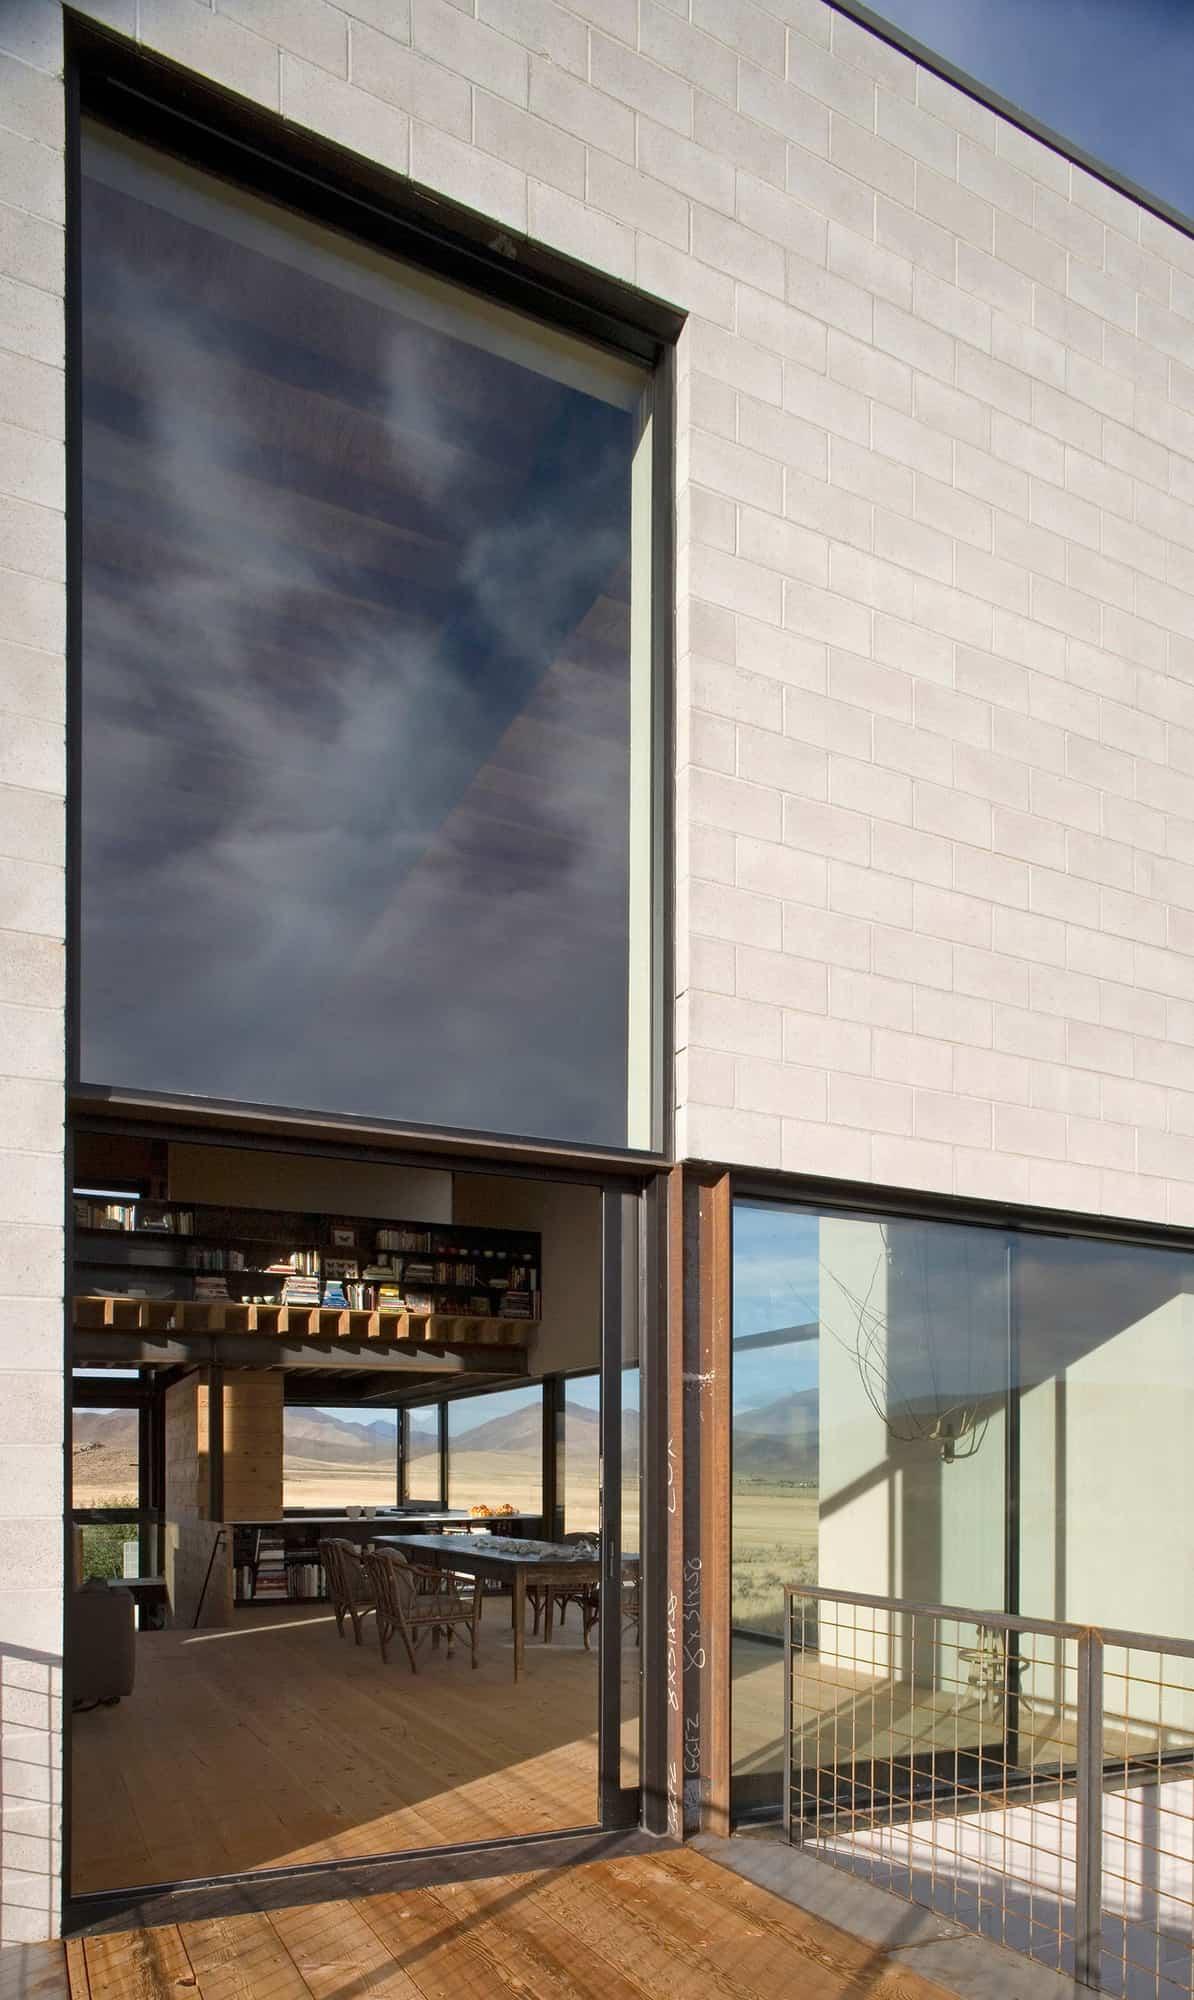 desert-home-exterior-deck